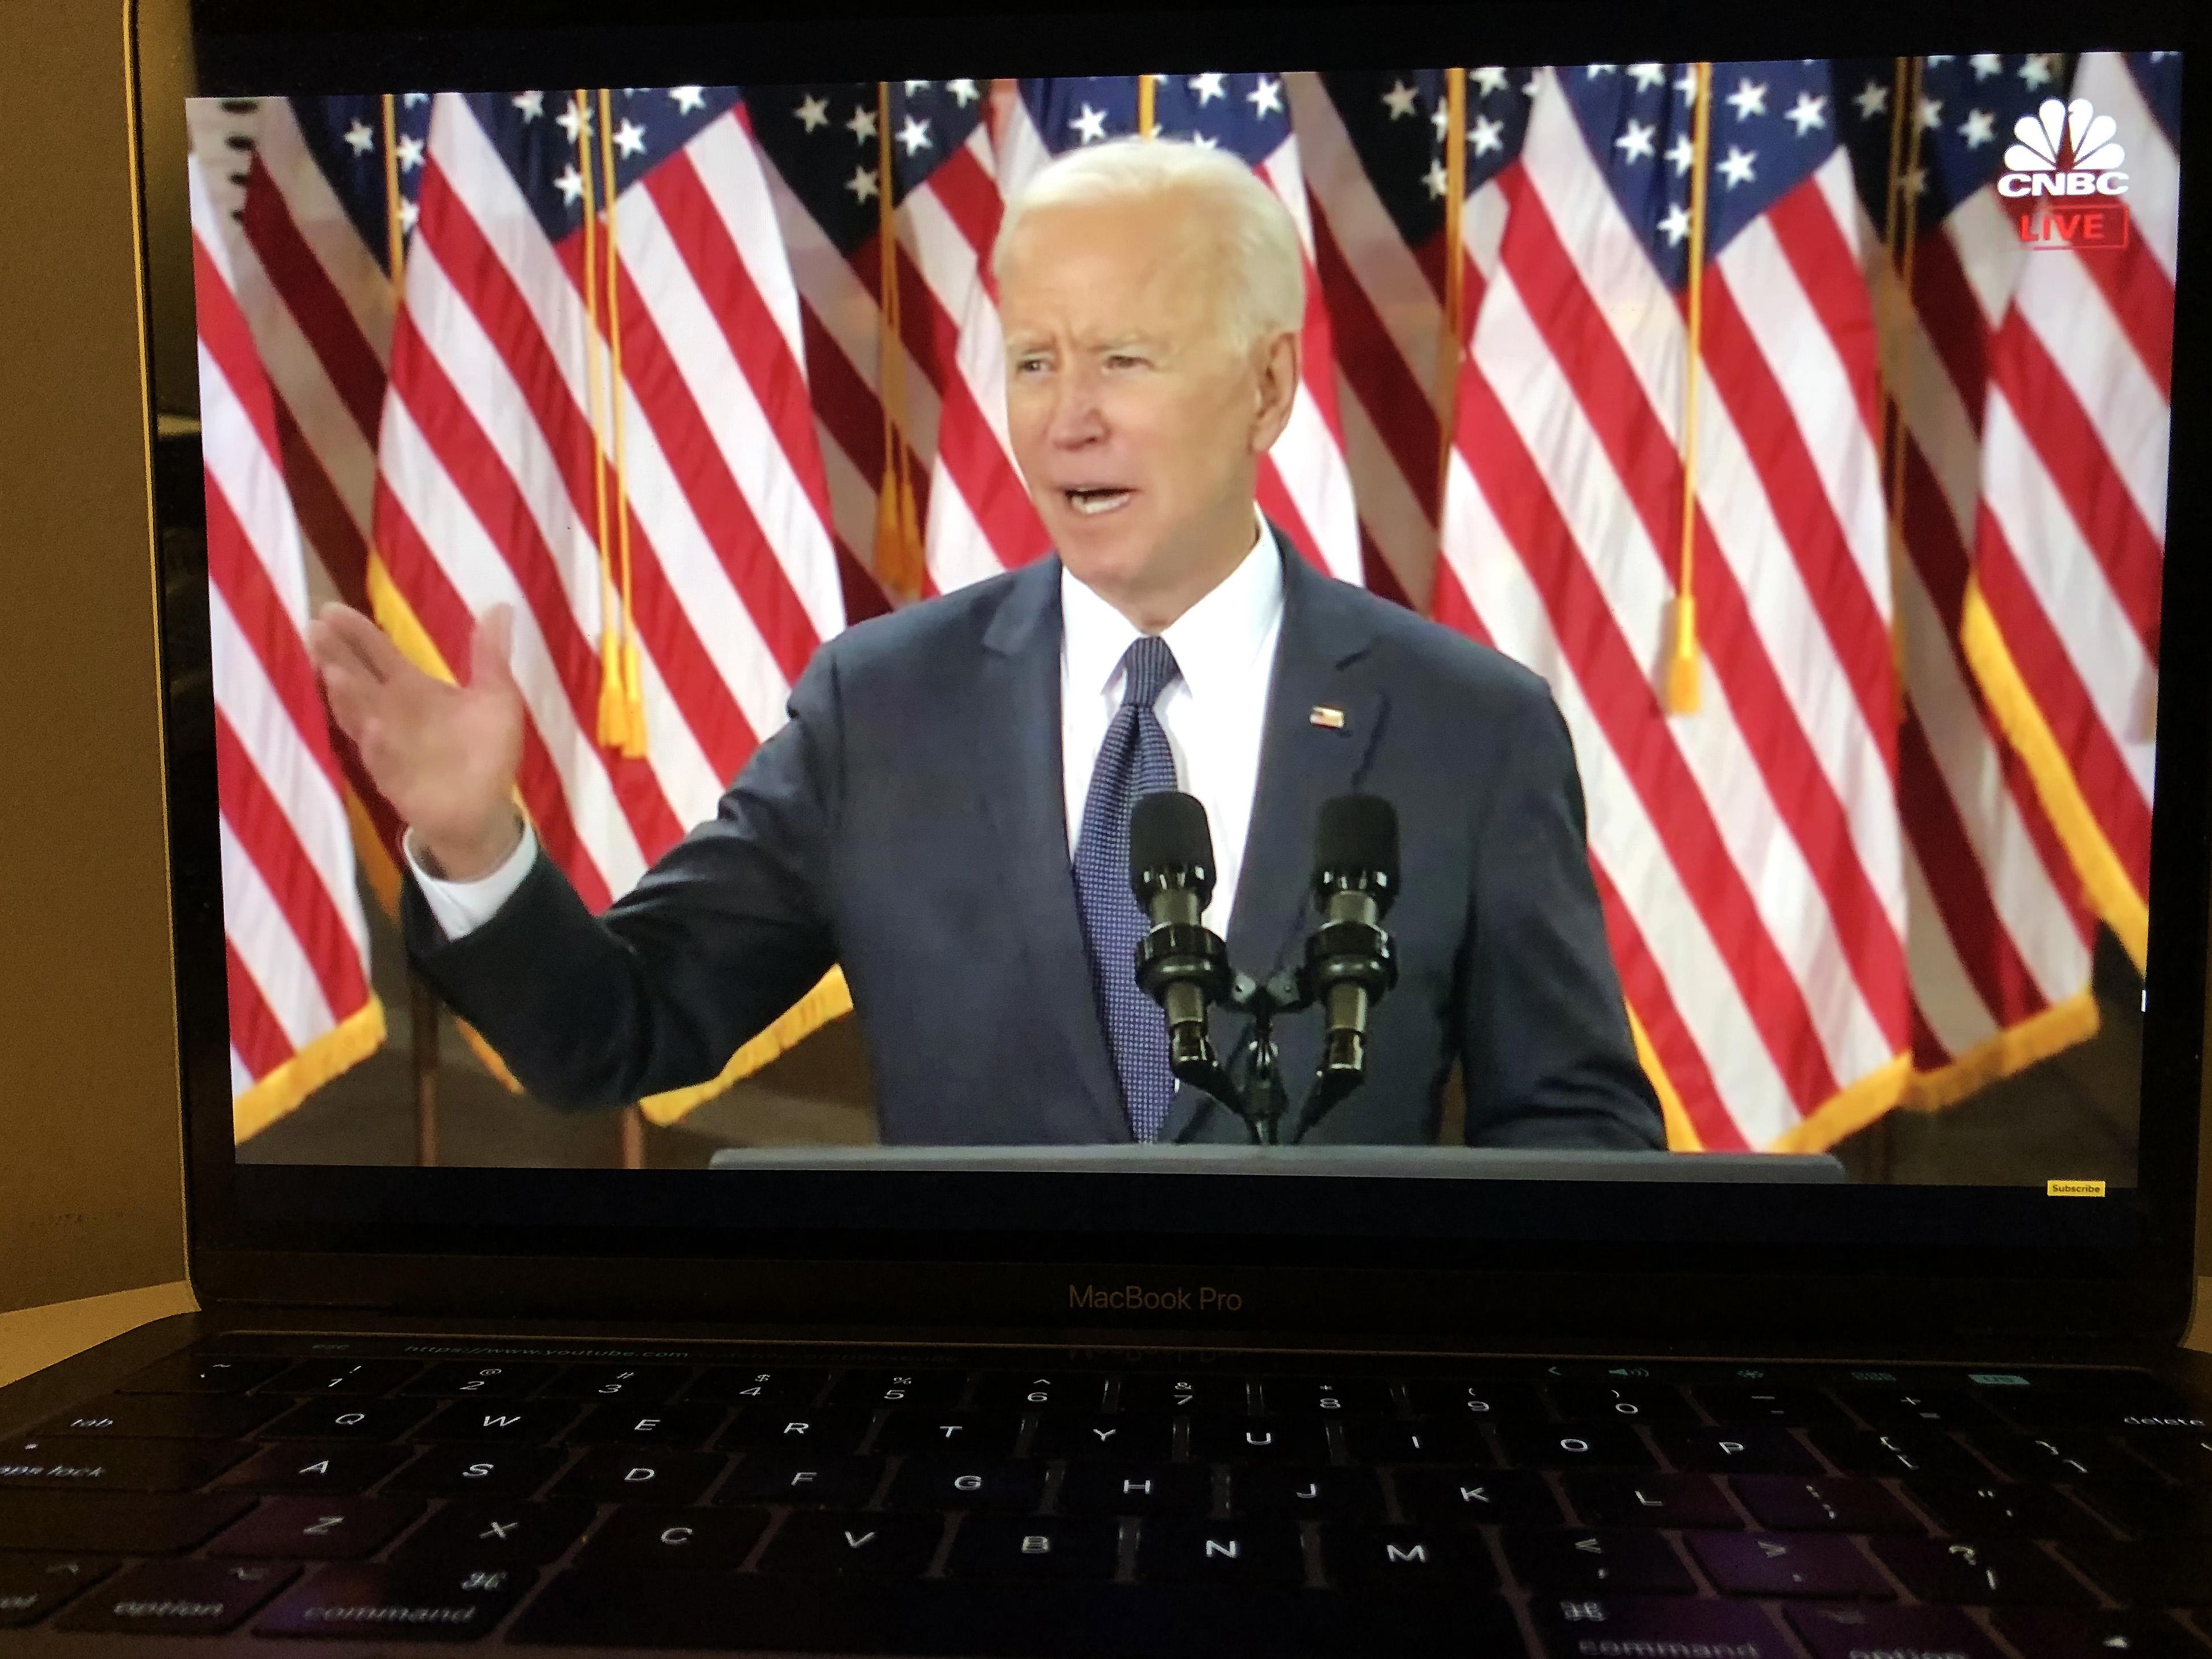 3月31日拍摄的视频直播画面显示,美国总统拜登在宾夕法尼亚州匹兹堡市发表讲话。拜登当日宣布一项总额约2.25万亿美元的基础设施建设一揽子计划,并表示希望国会今年夏天批准该计划。新华社记者刘杰摄